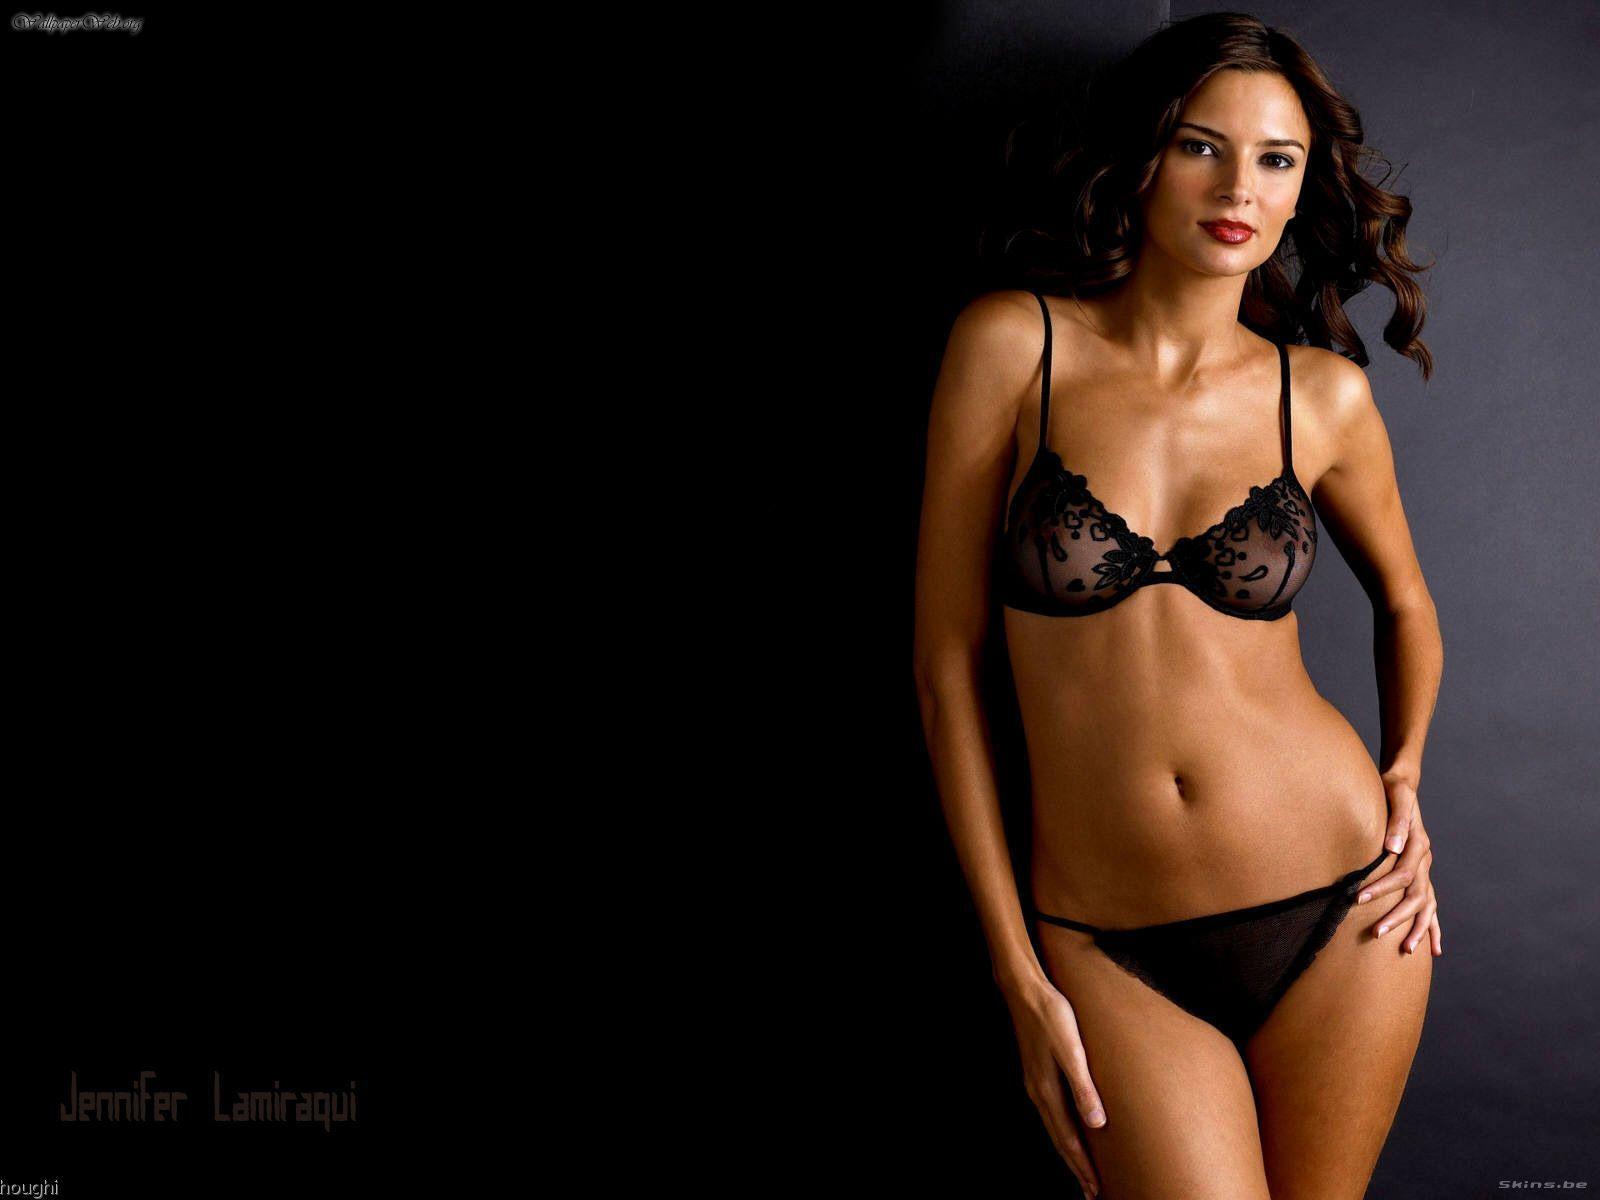 Jennifer taylor bikini